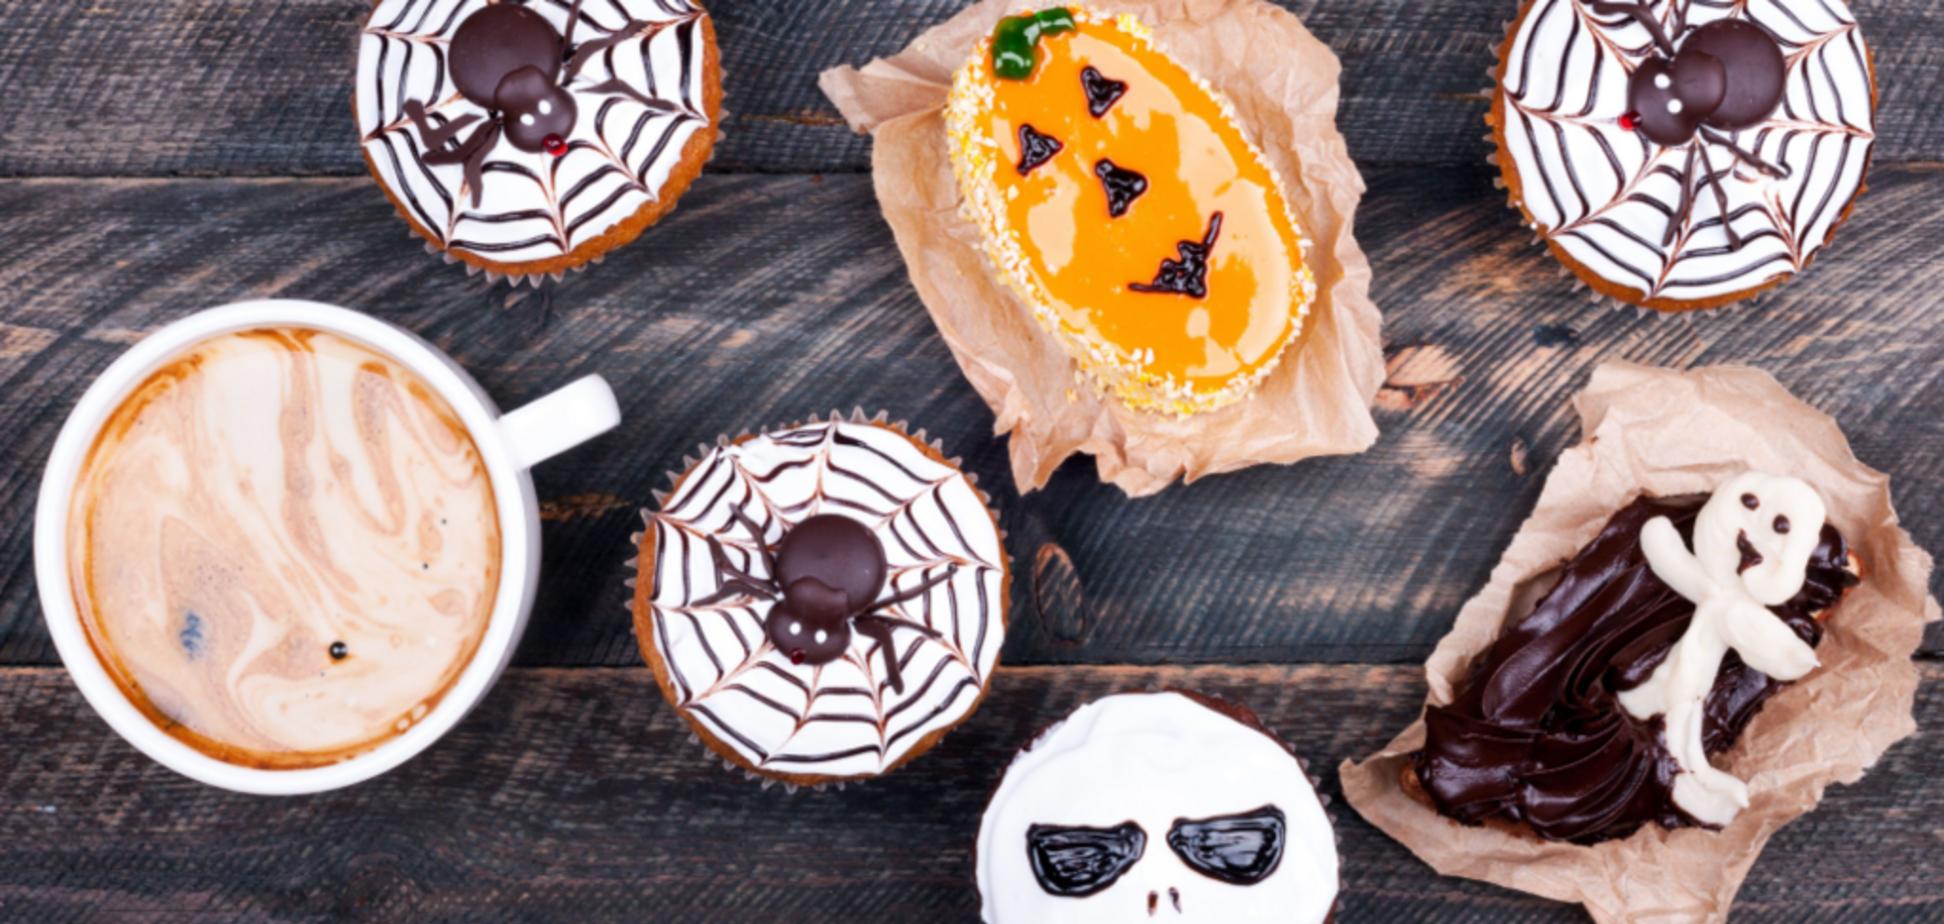 Страшно вкусно: топ-3 простых блюд на Хэллоуин-2018